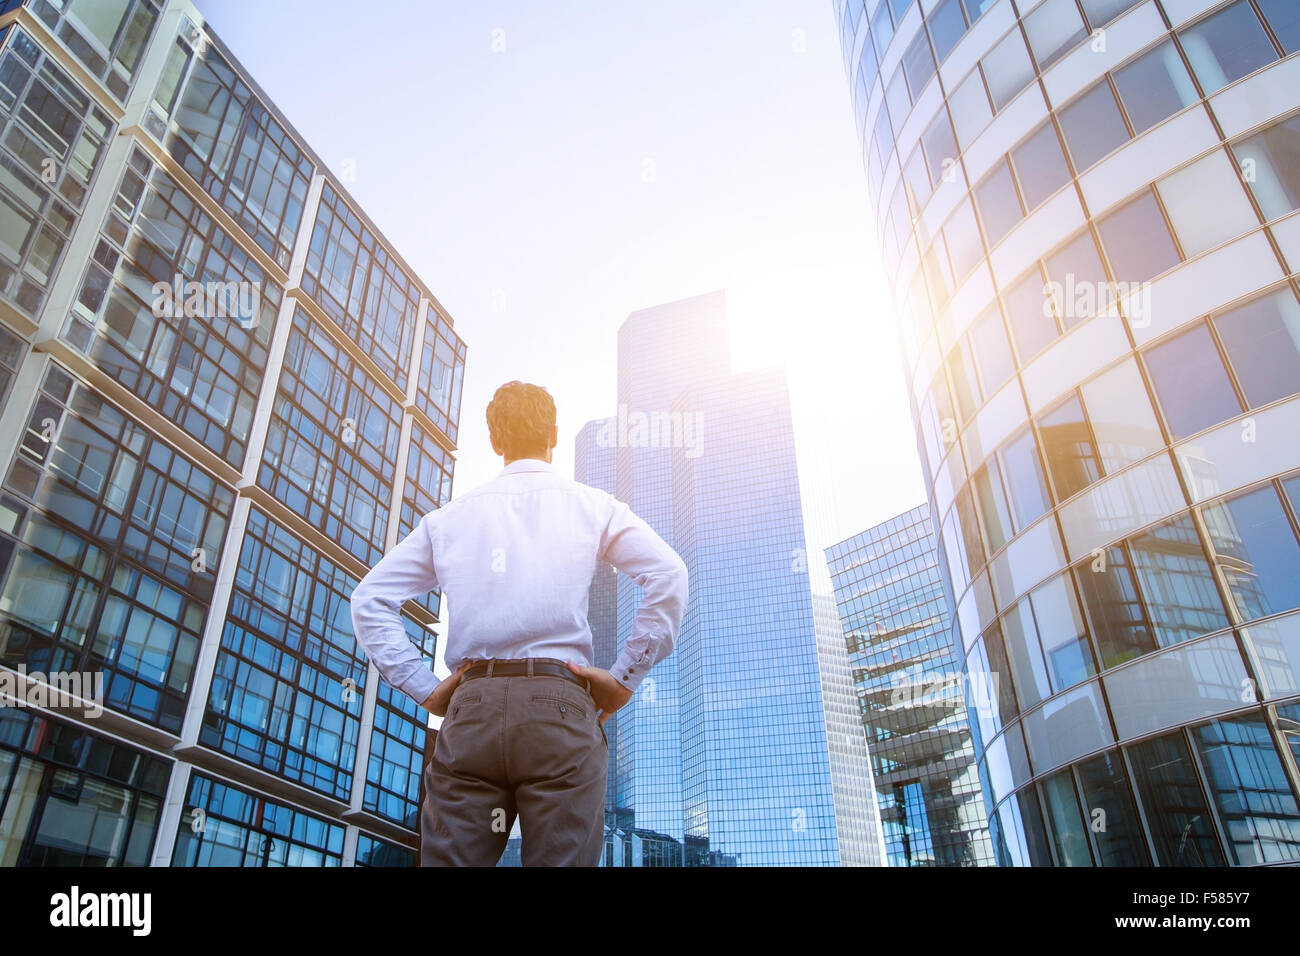 Concetto di carriera, background aziendale, un uomo guarda edifici per uffici Immagini Stock